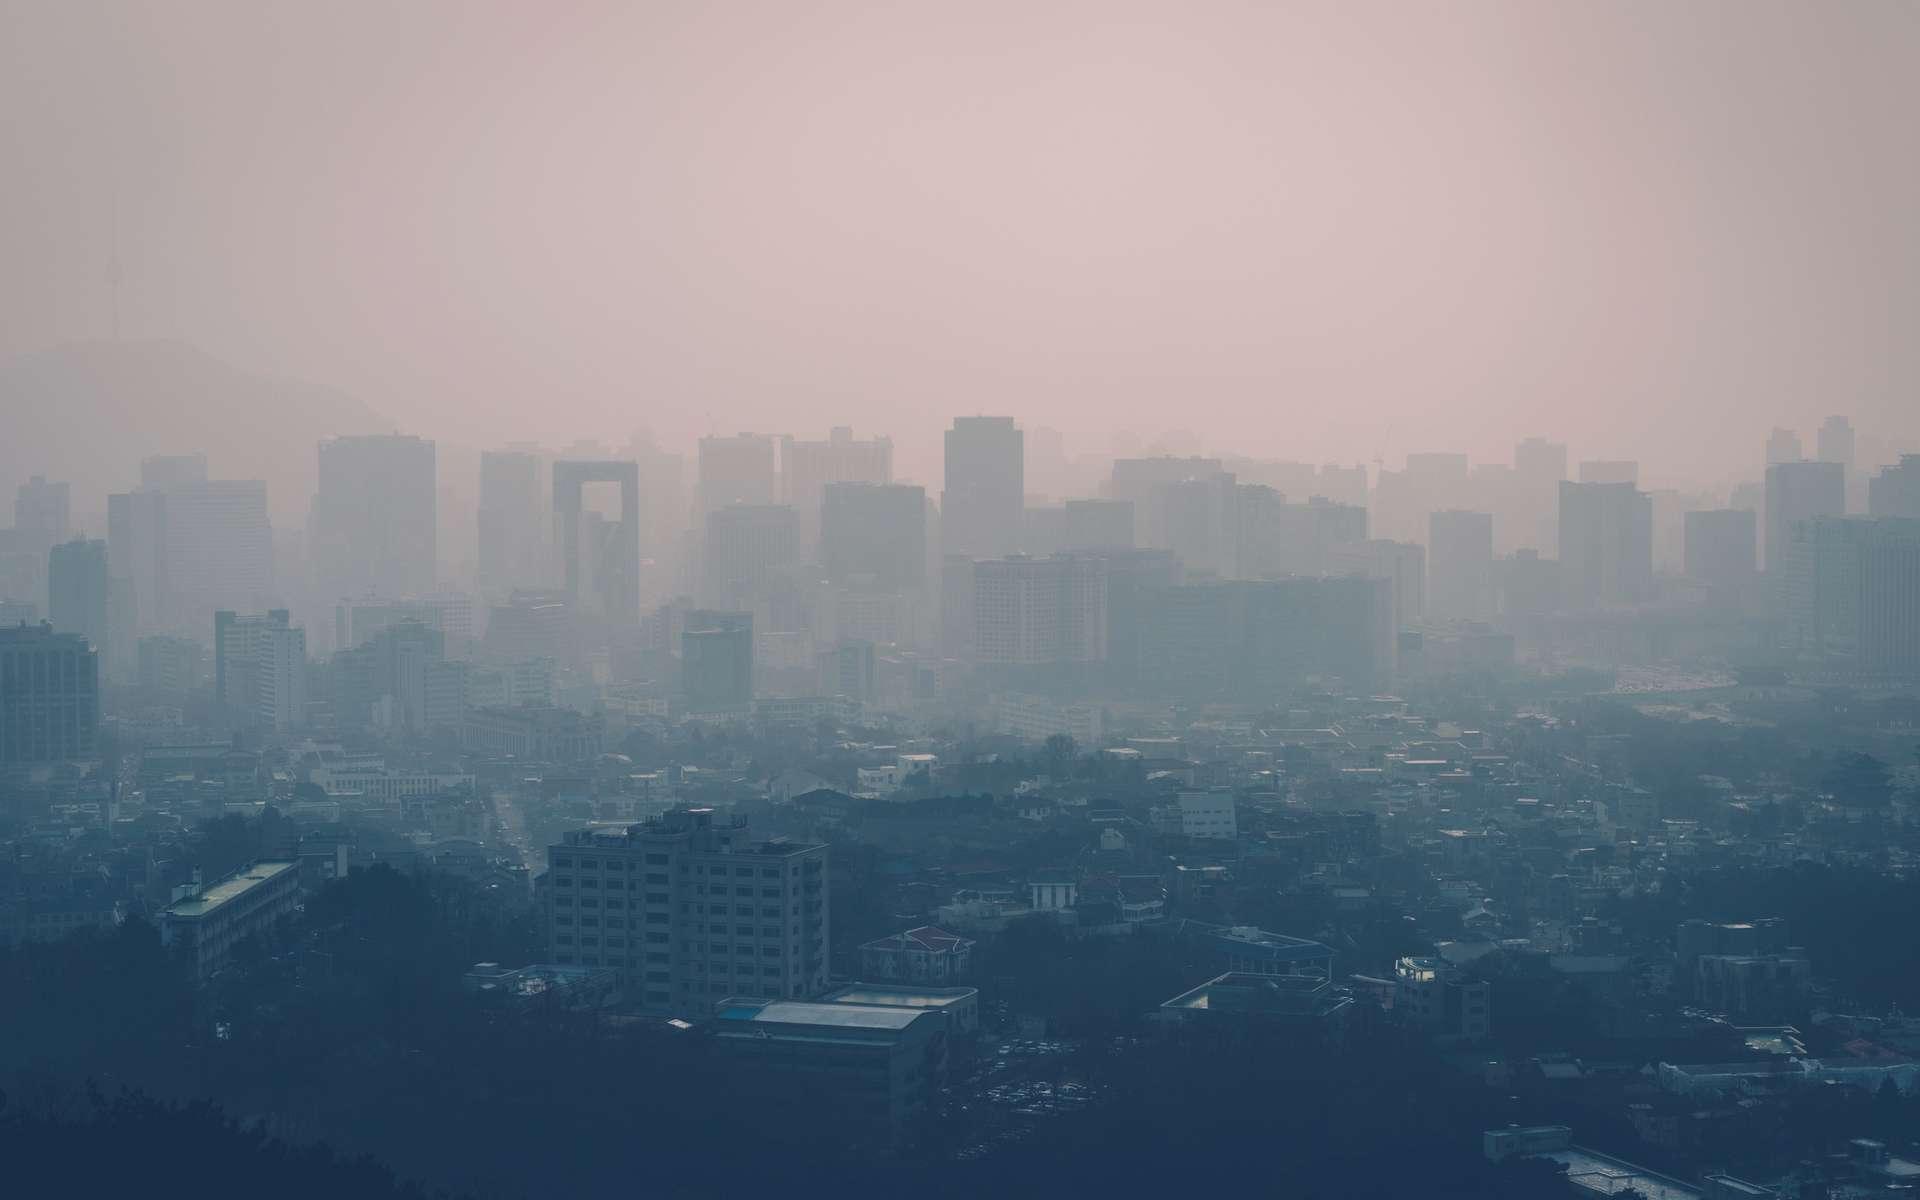 Avec la hausse des températures et la pollution atmosphérique, les villes vont devenir étouffantes. © ttlsc, Adobe Stock